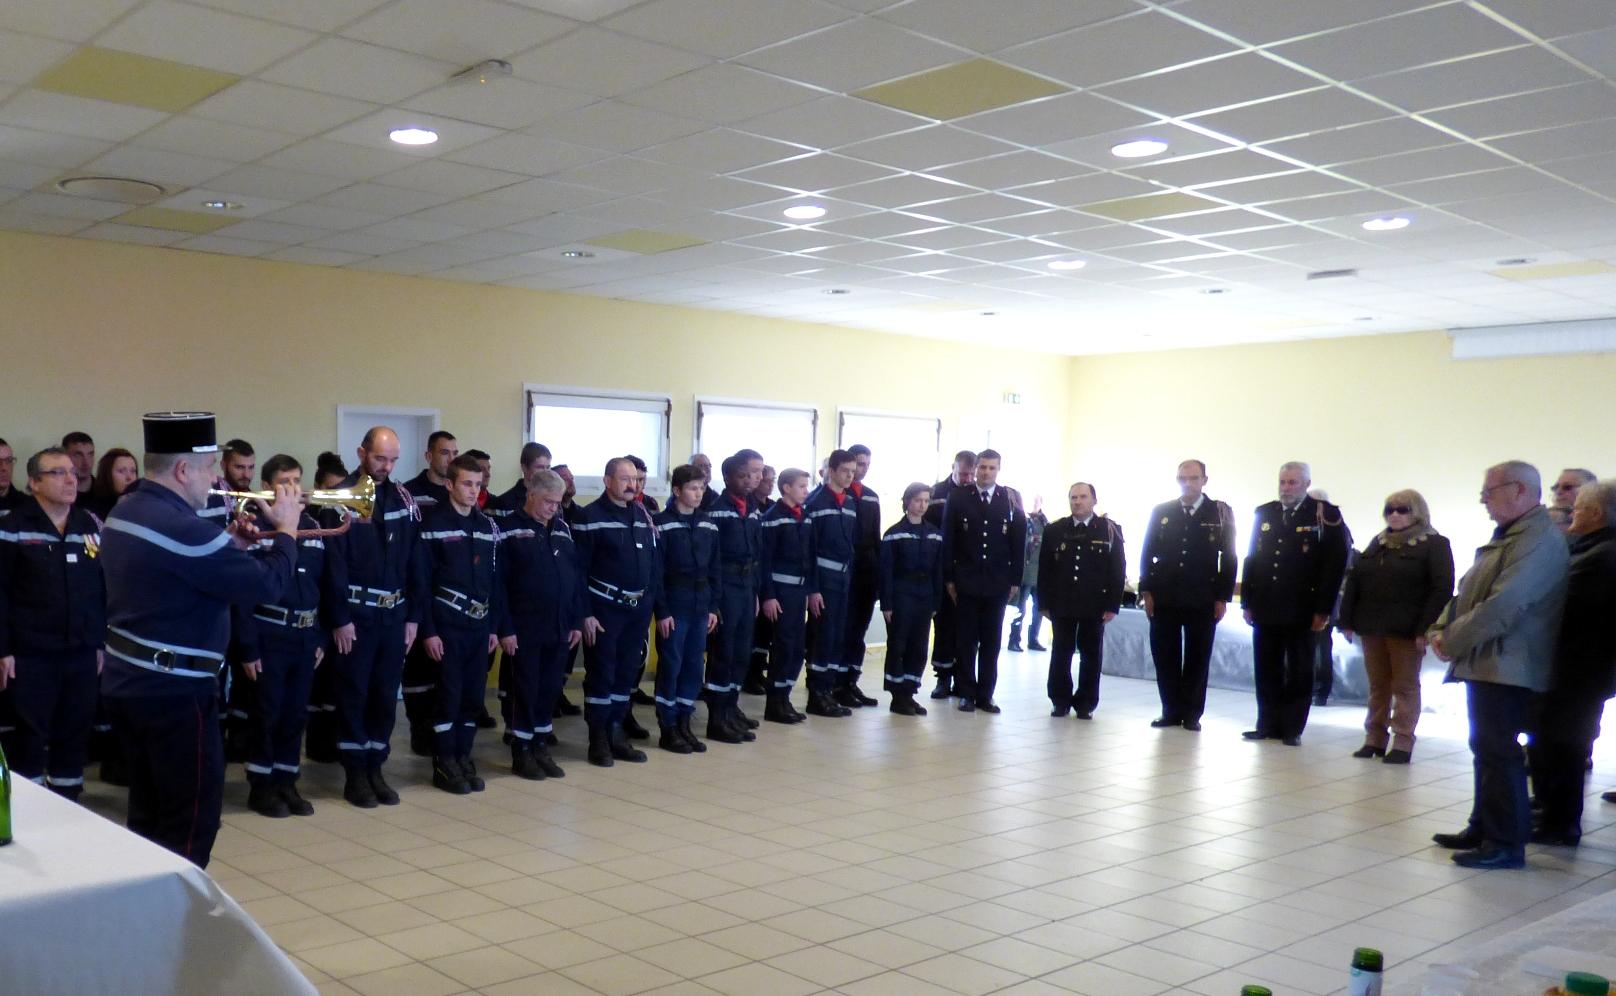 pompiers-ste-barbe-secteur-psv-27-novembre-2016-5